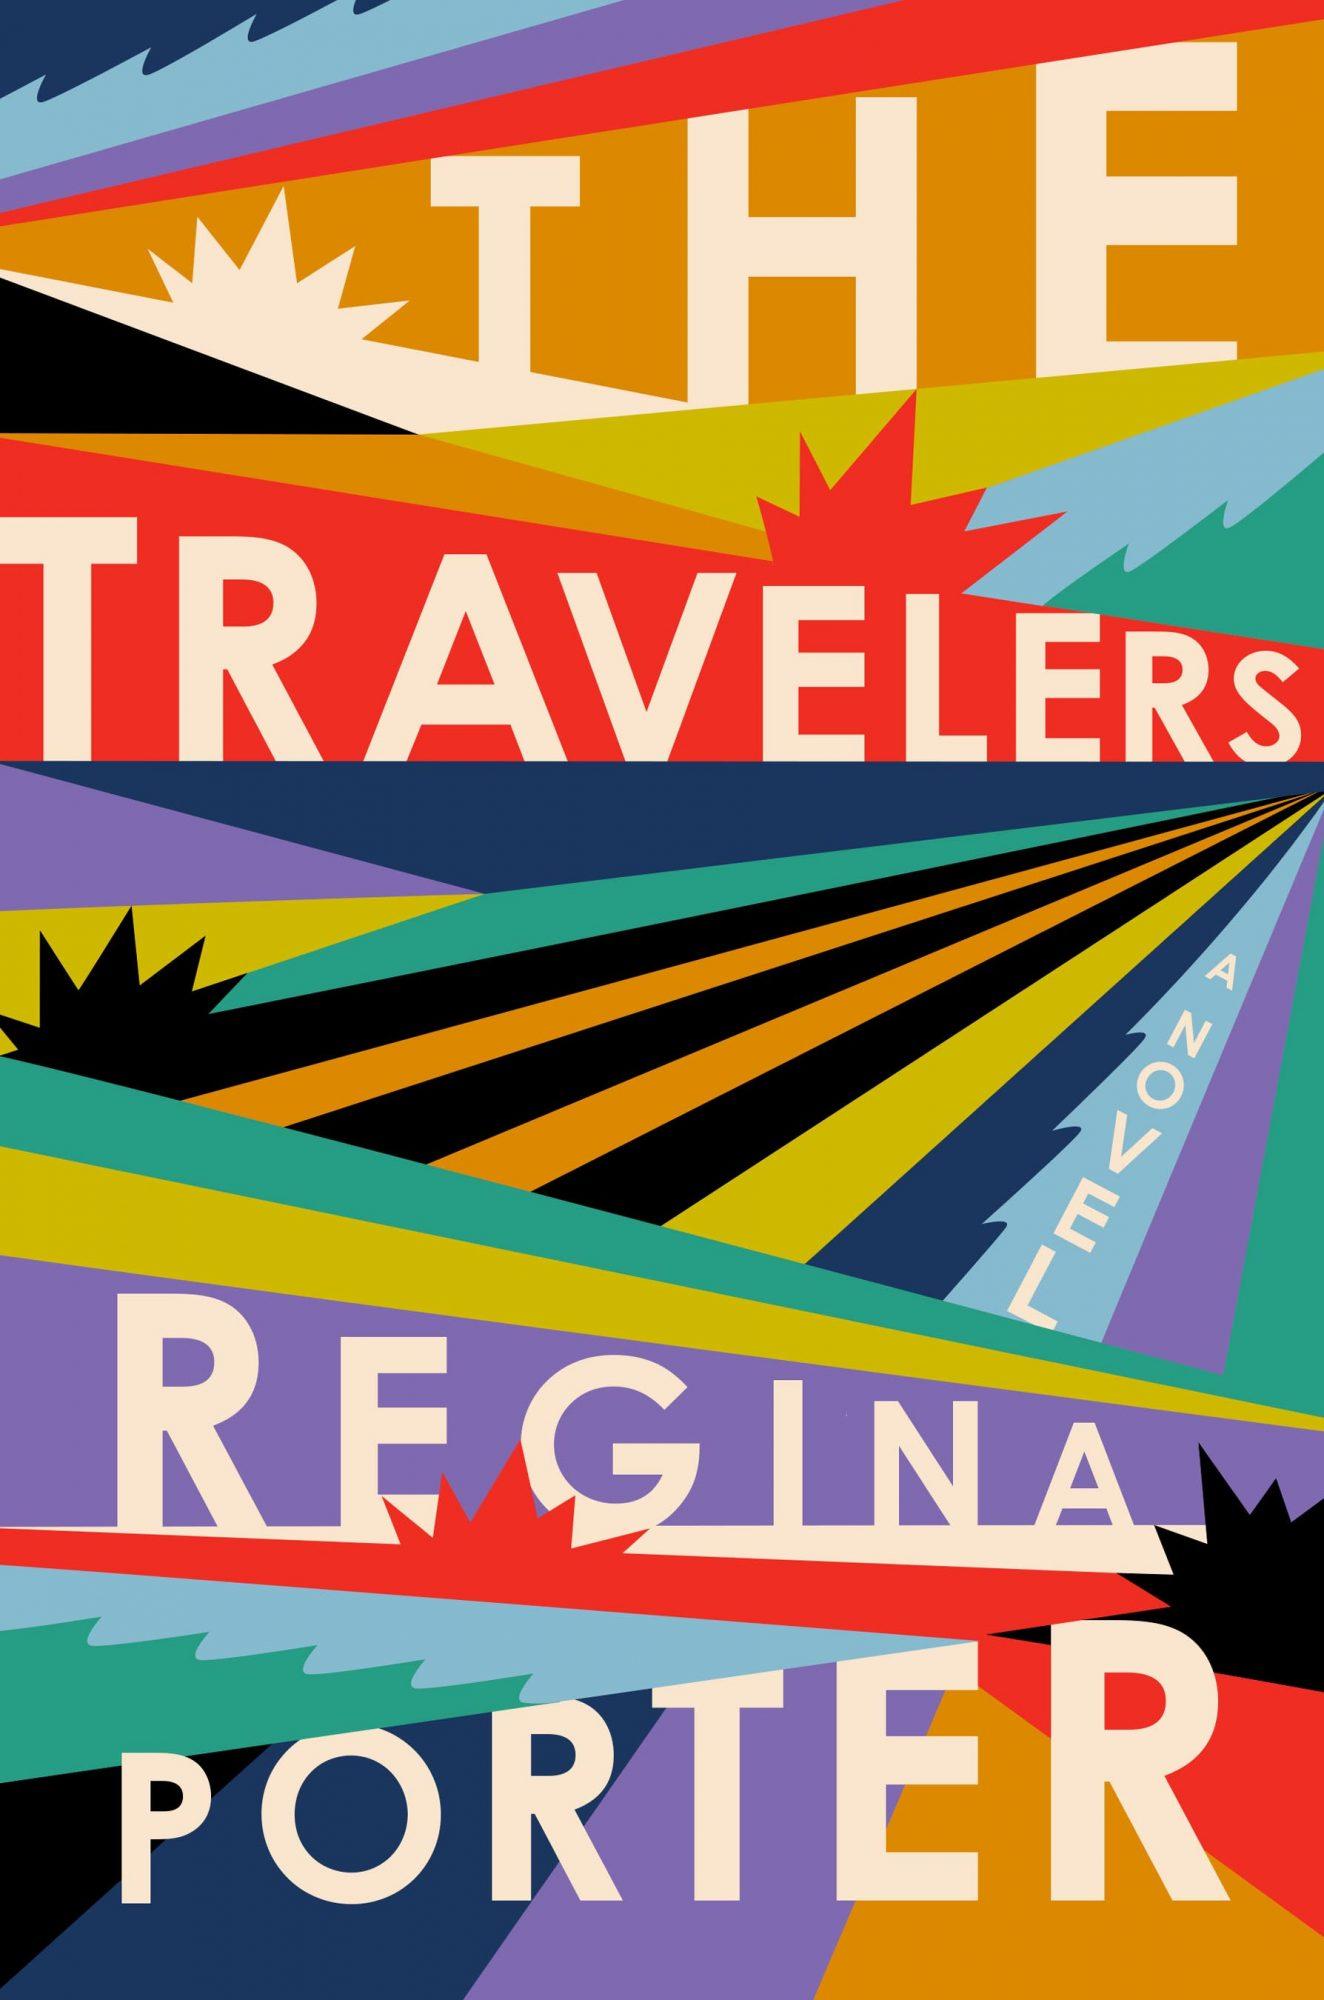 The Travelers (2019)Author: Regina Porter